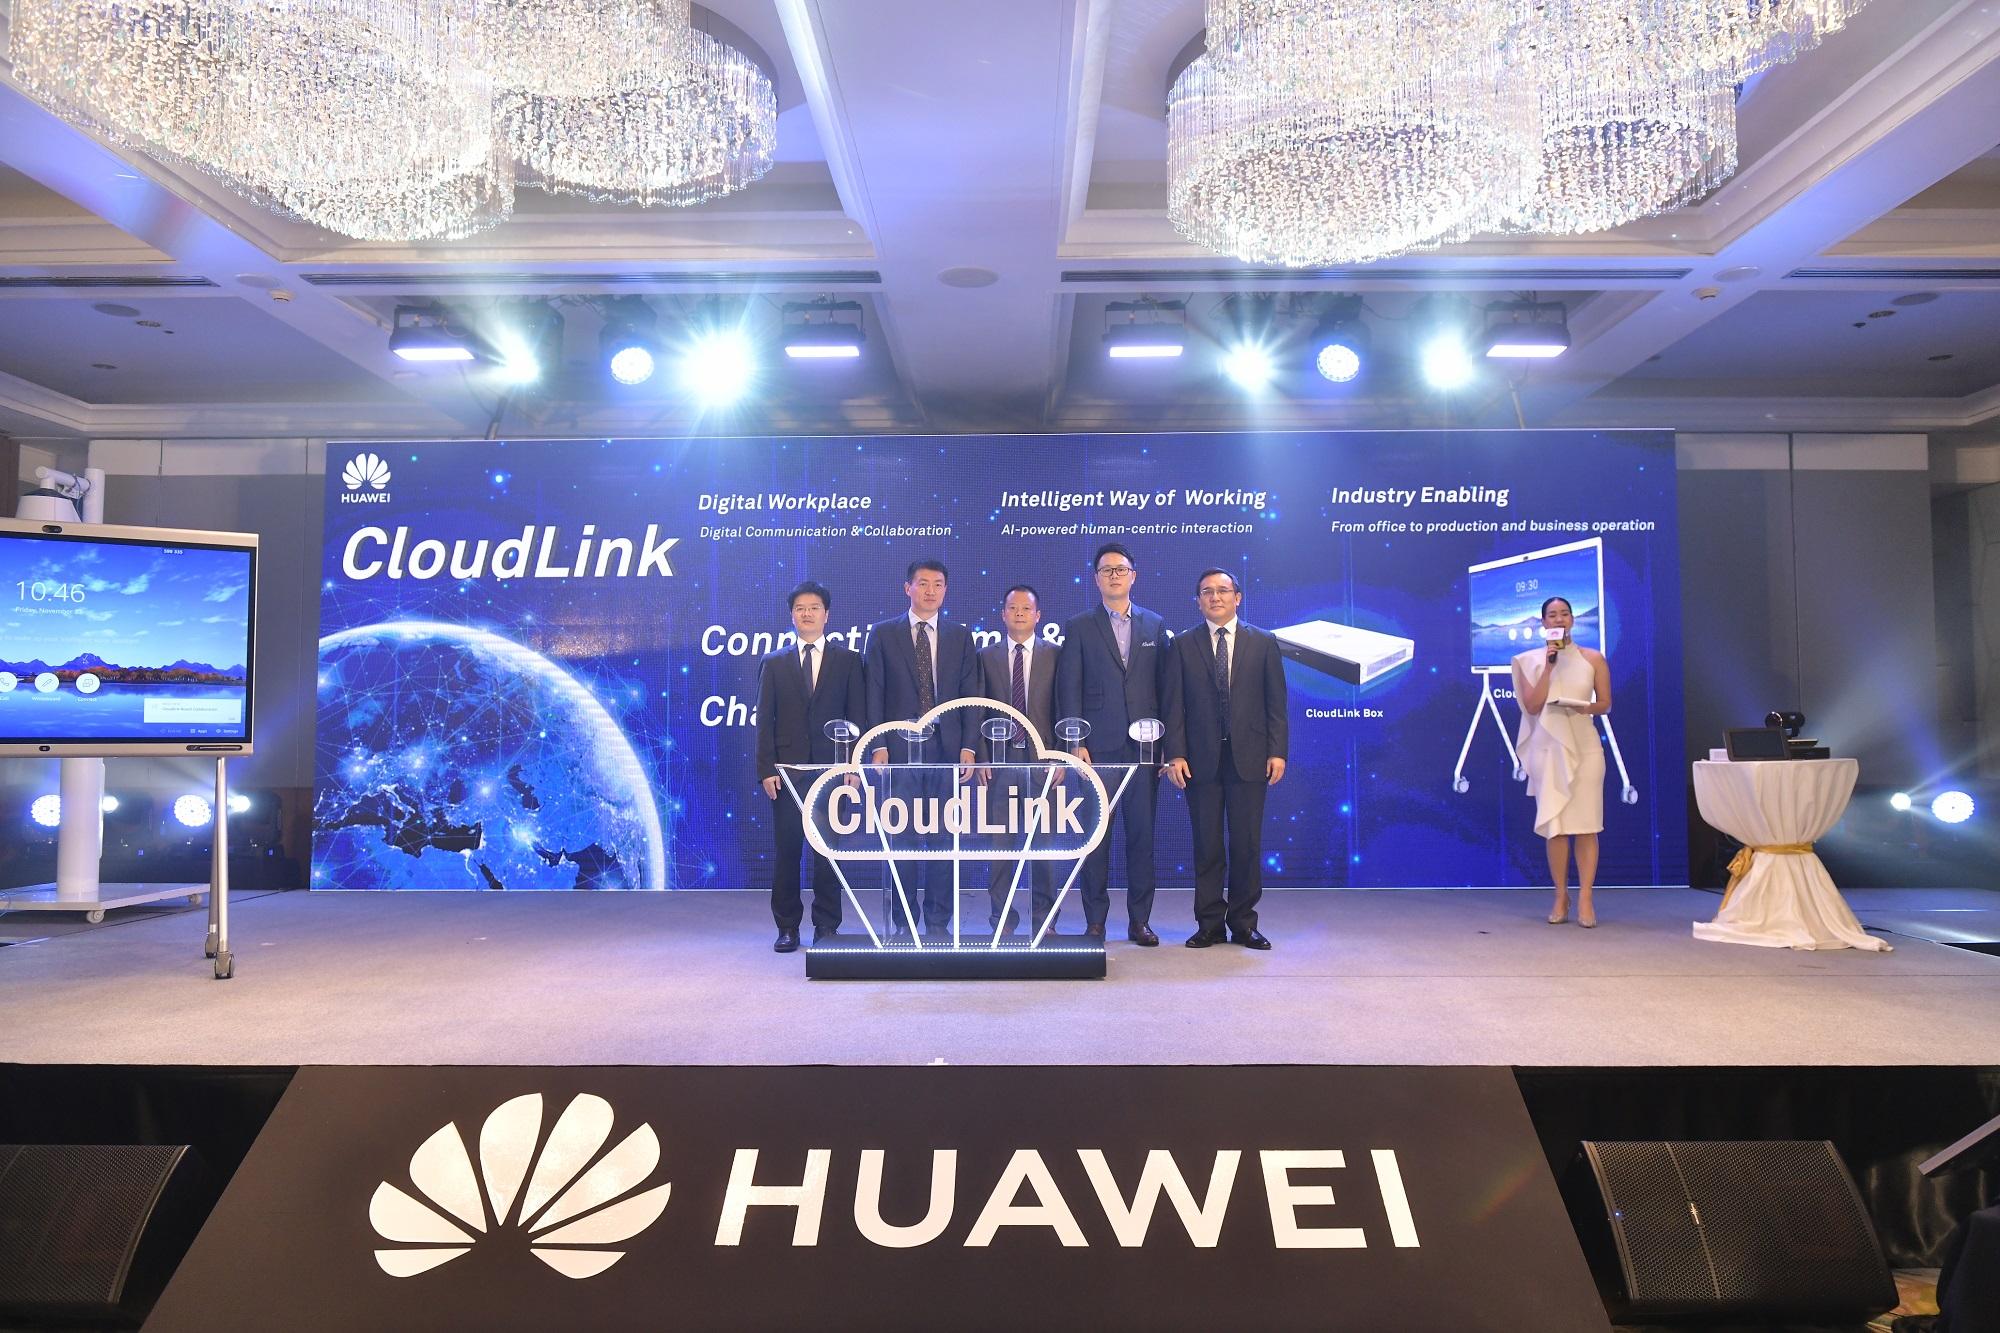 หัวเว่ยเปิดตัวระบบการประชุมทางไกล CloudLink รุ่นใหม่ 13 -